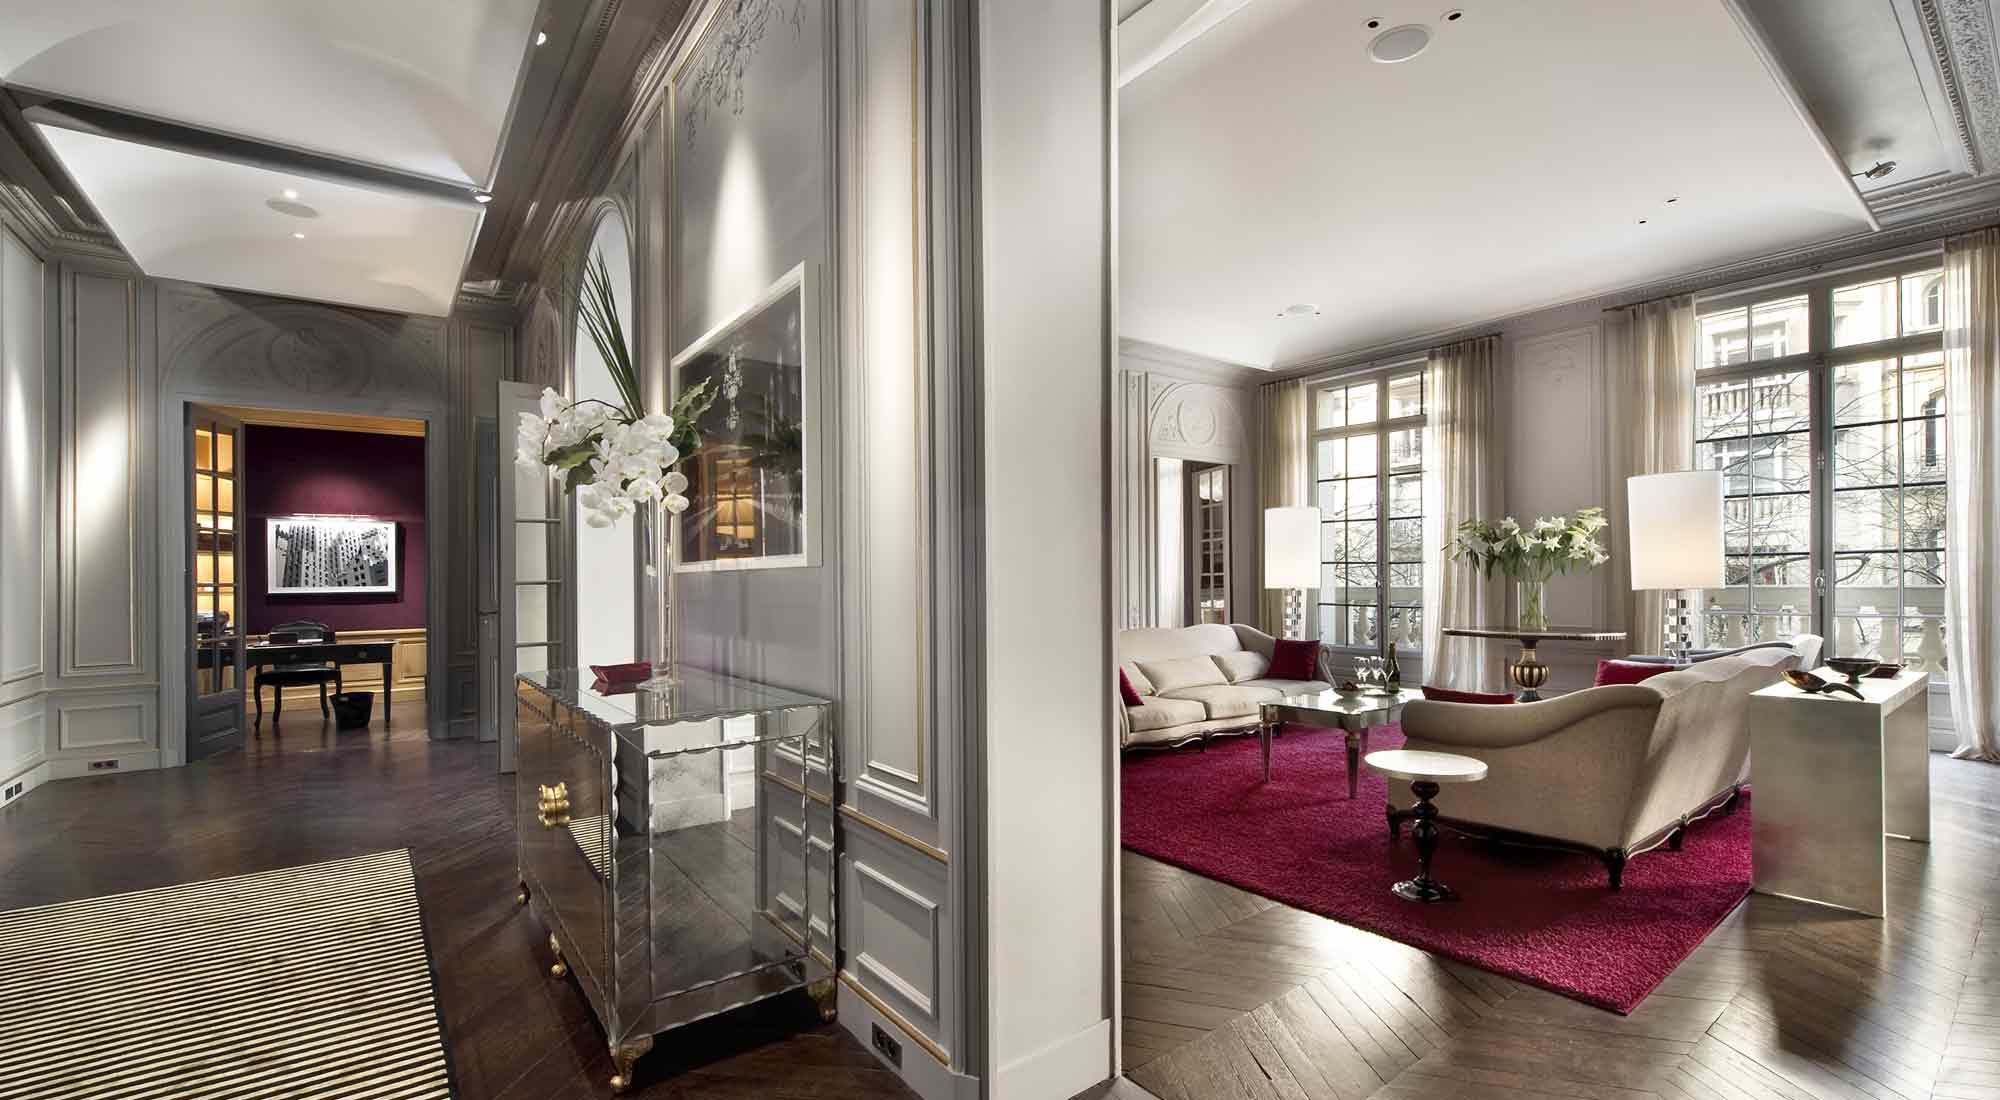 Parisian style bedroom decor for Home decorations paris